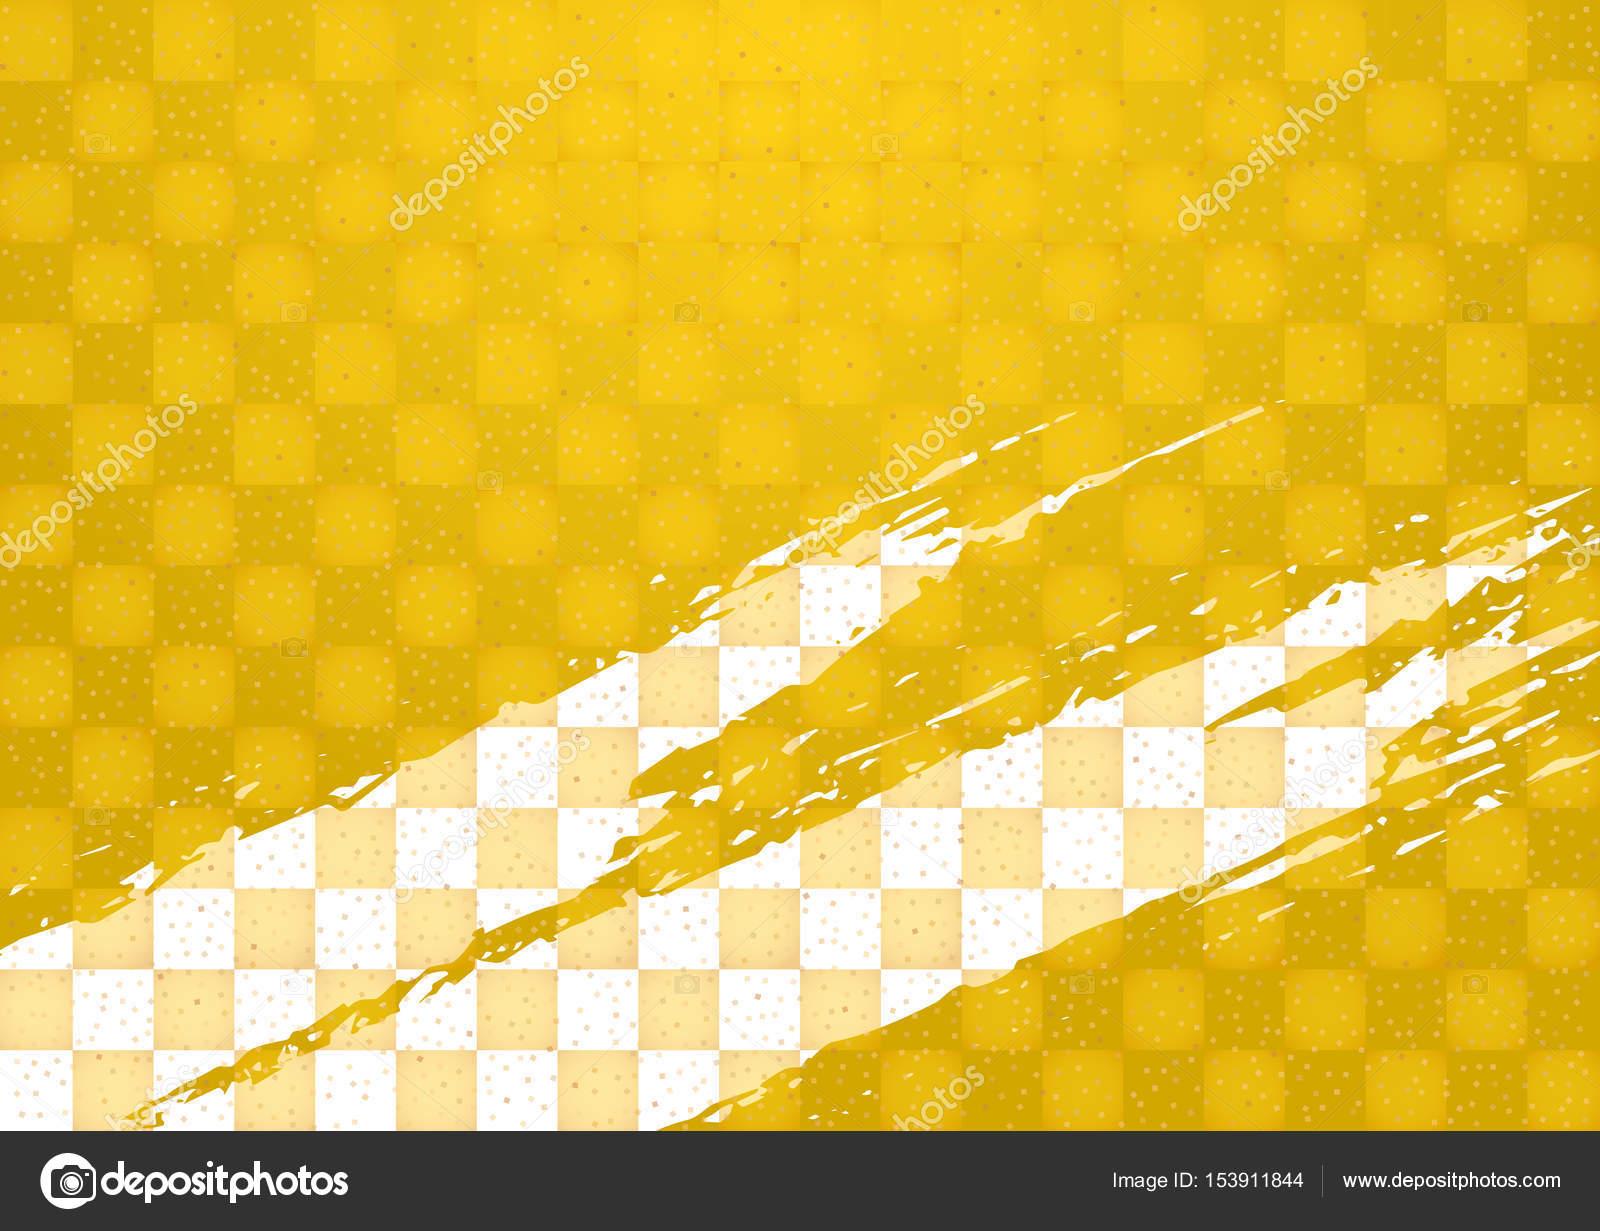 金パターンとブラシのパターン。和風背景素材 — ストックベクター